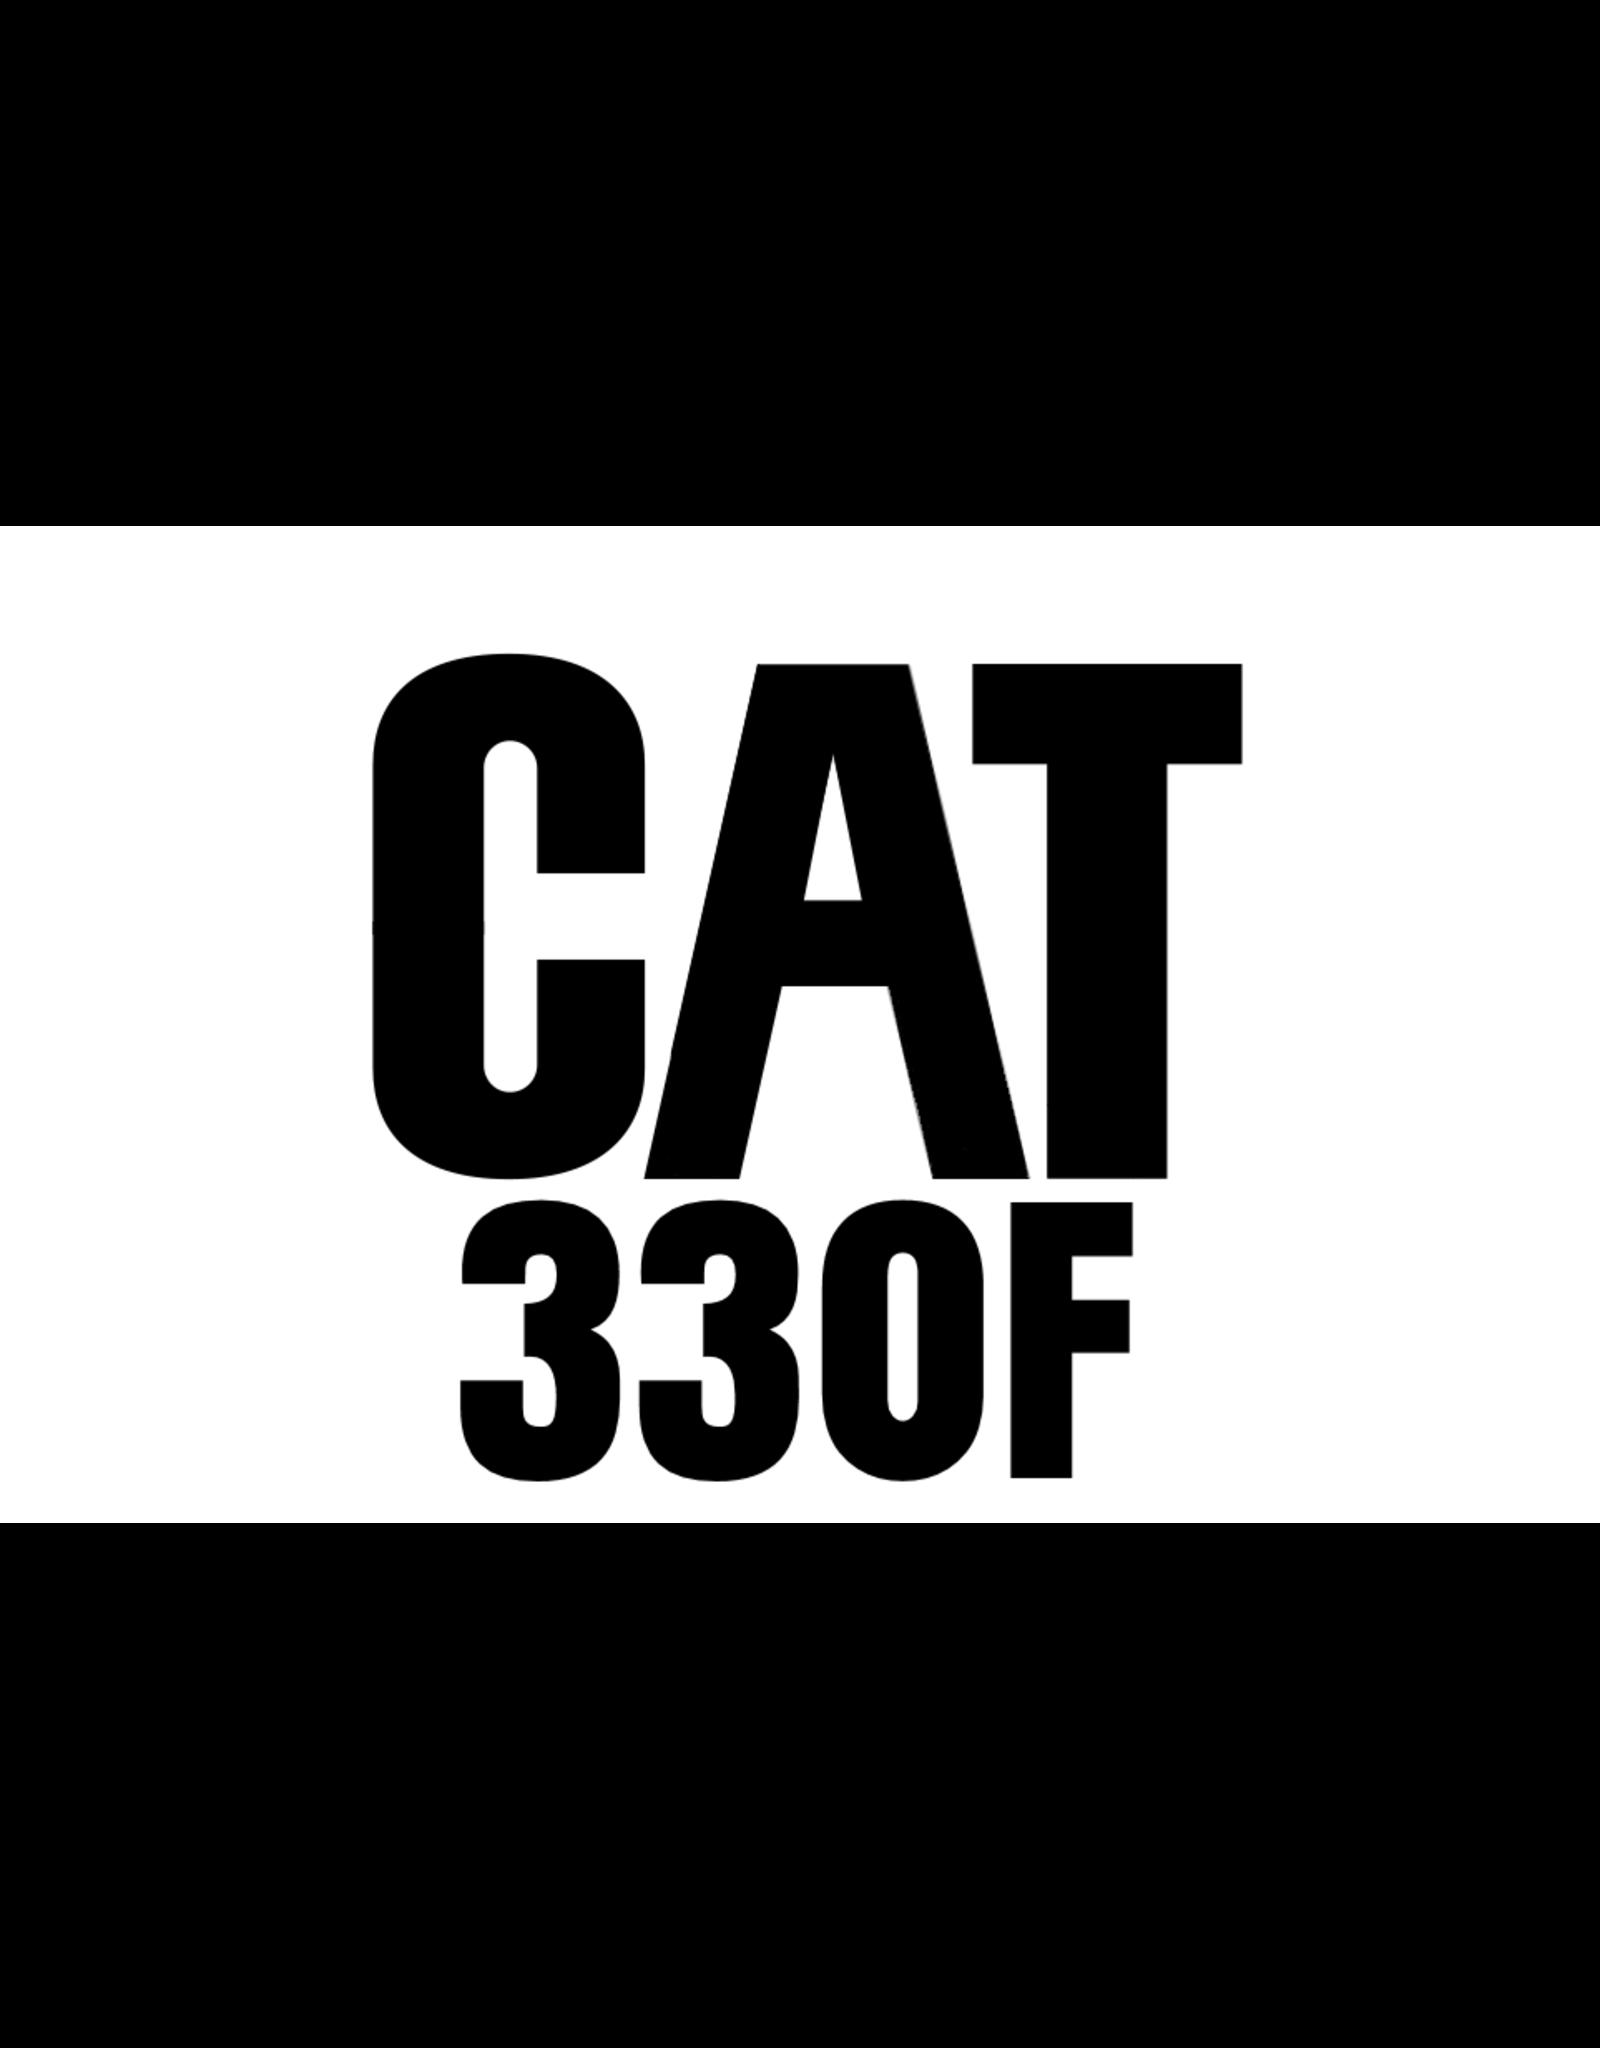 Echle Hartstahl GmbH FOPS für CAT 330F